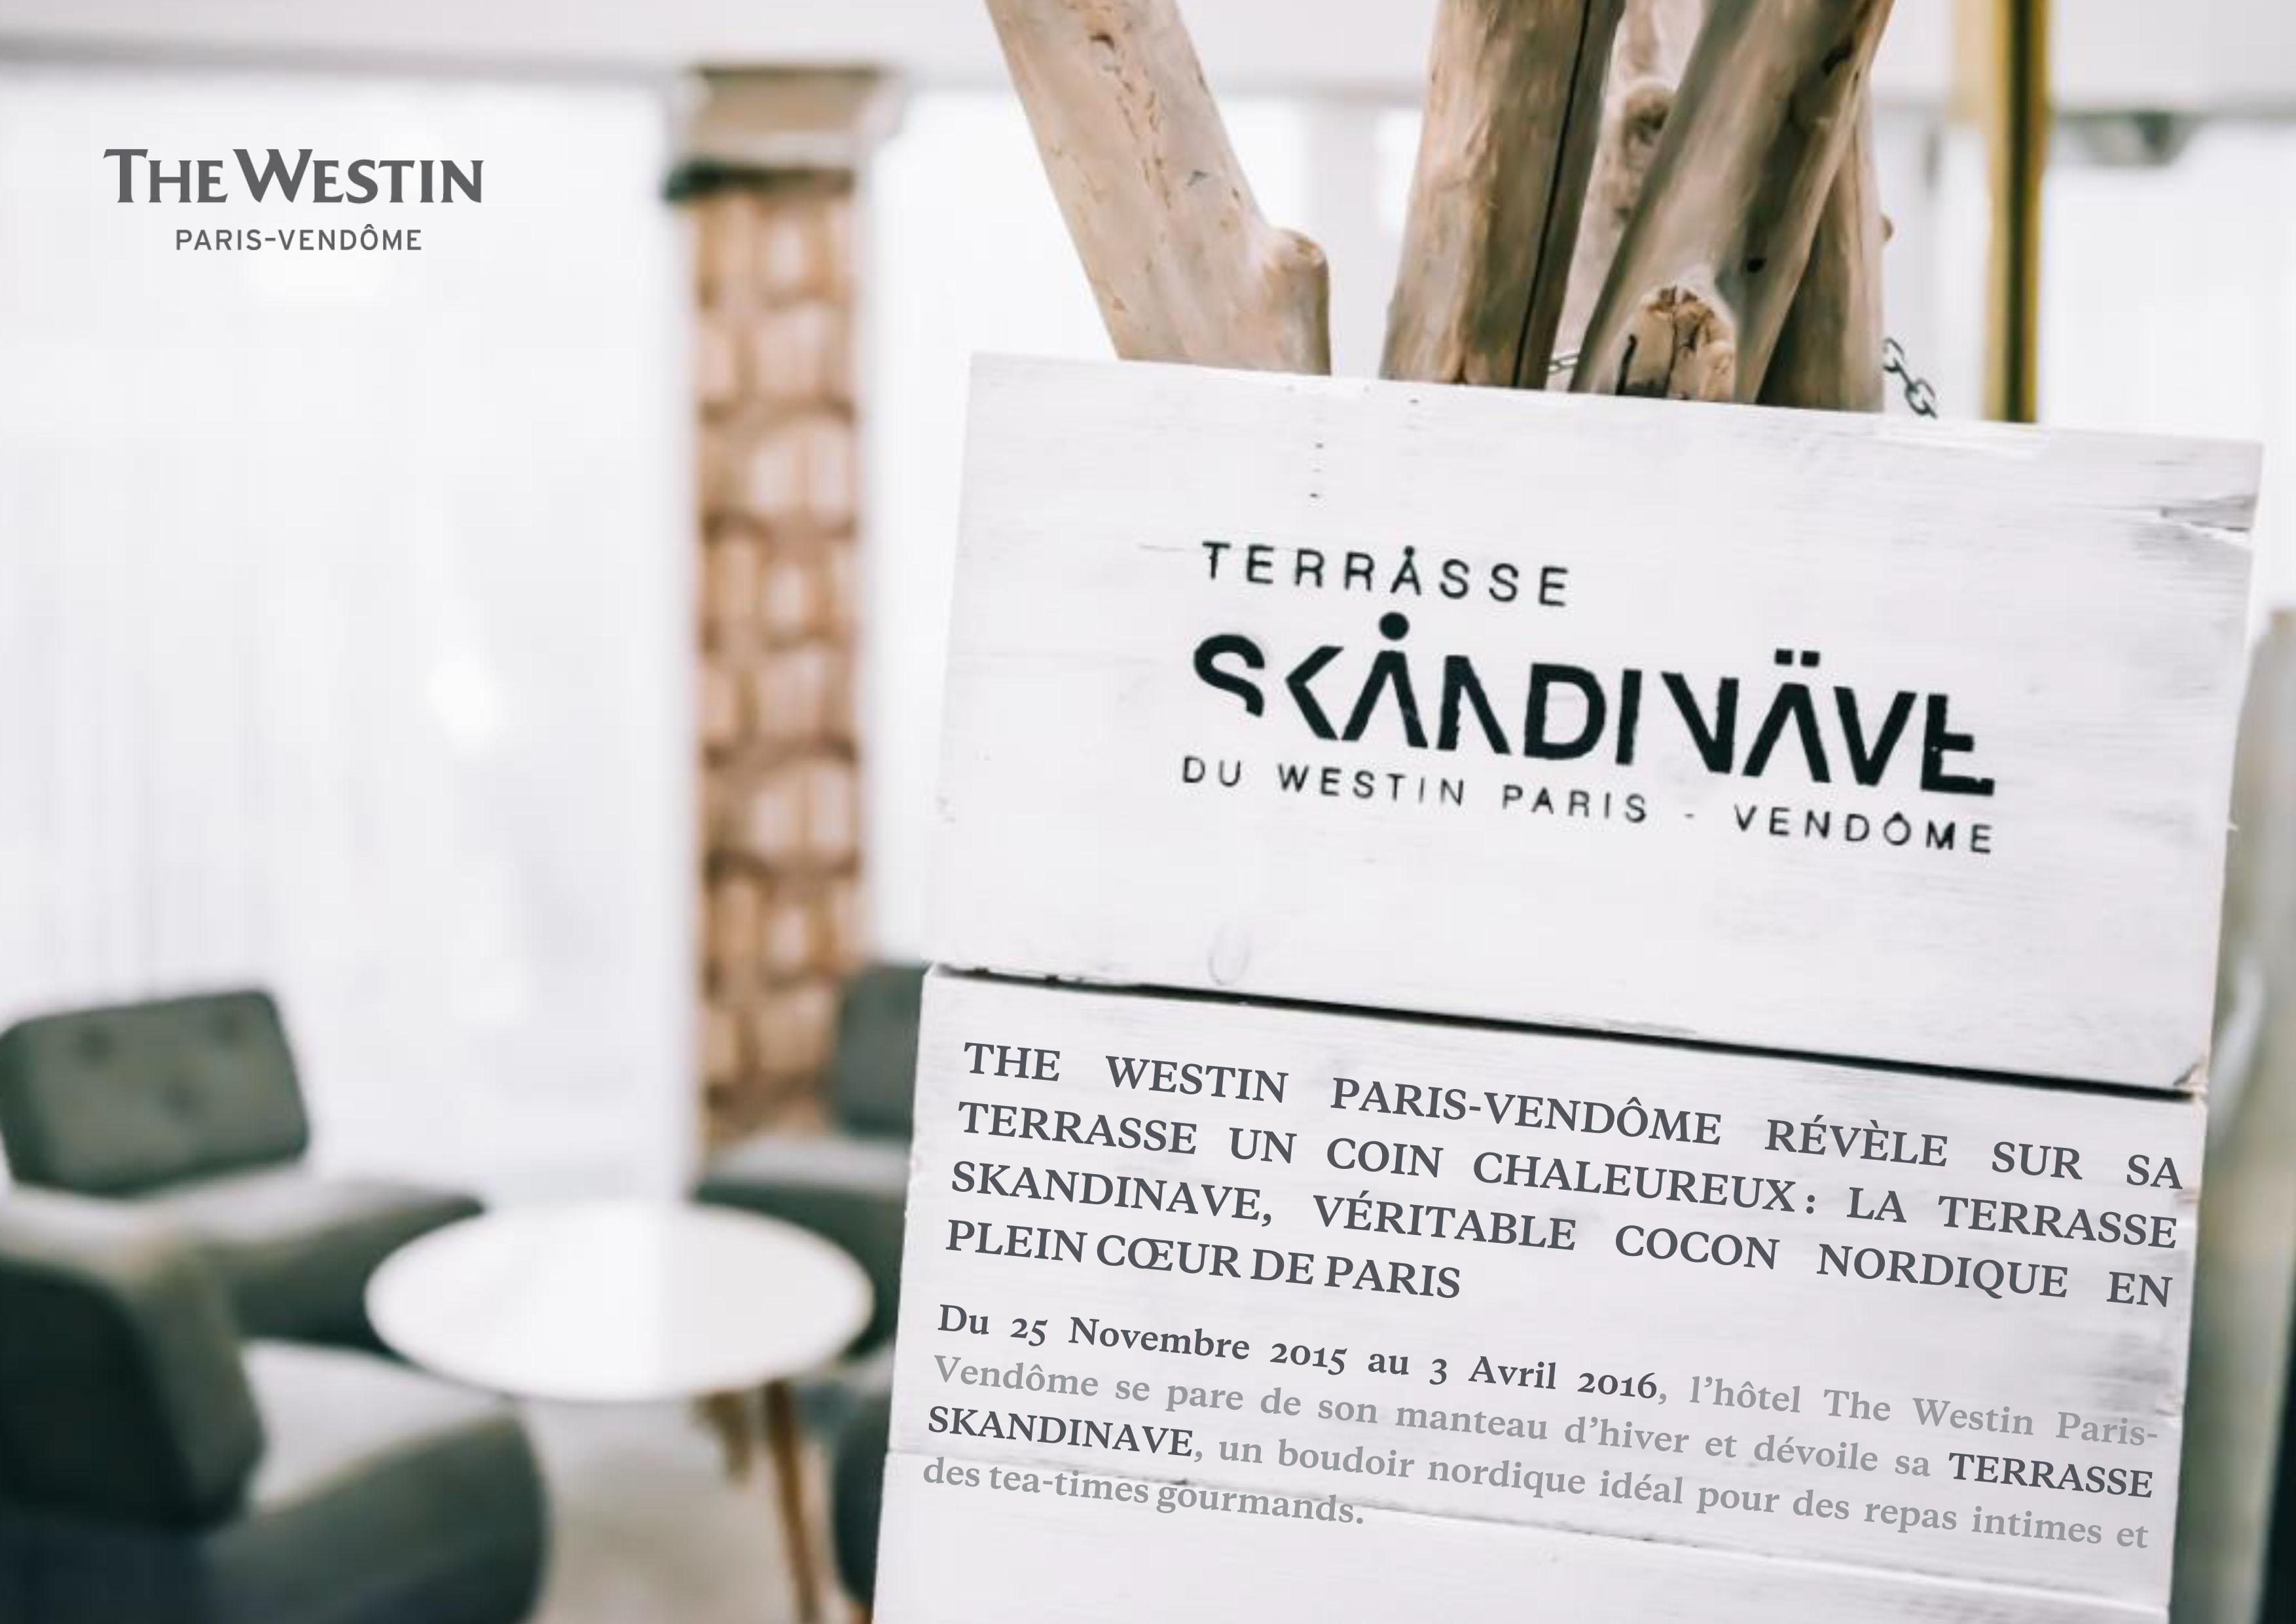 Terrasse Skandinave de l'hôtel Westin Paris Vendome